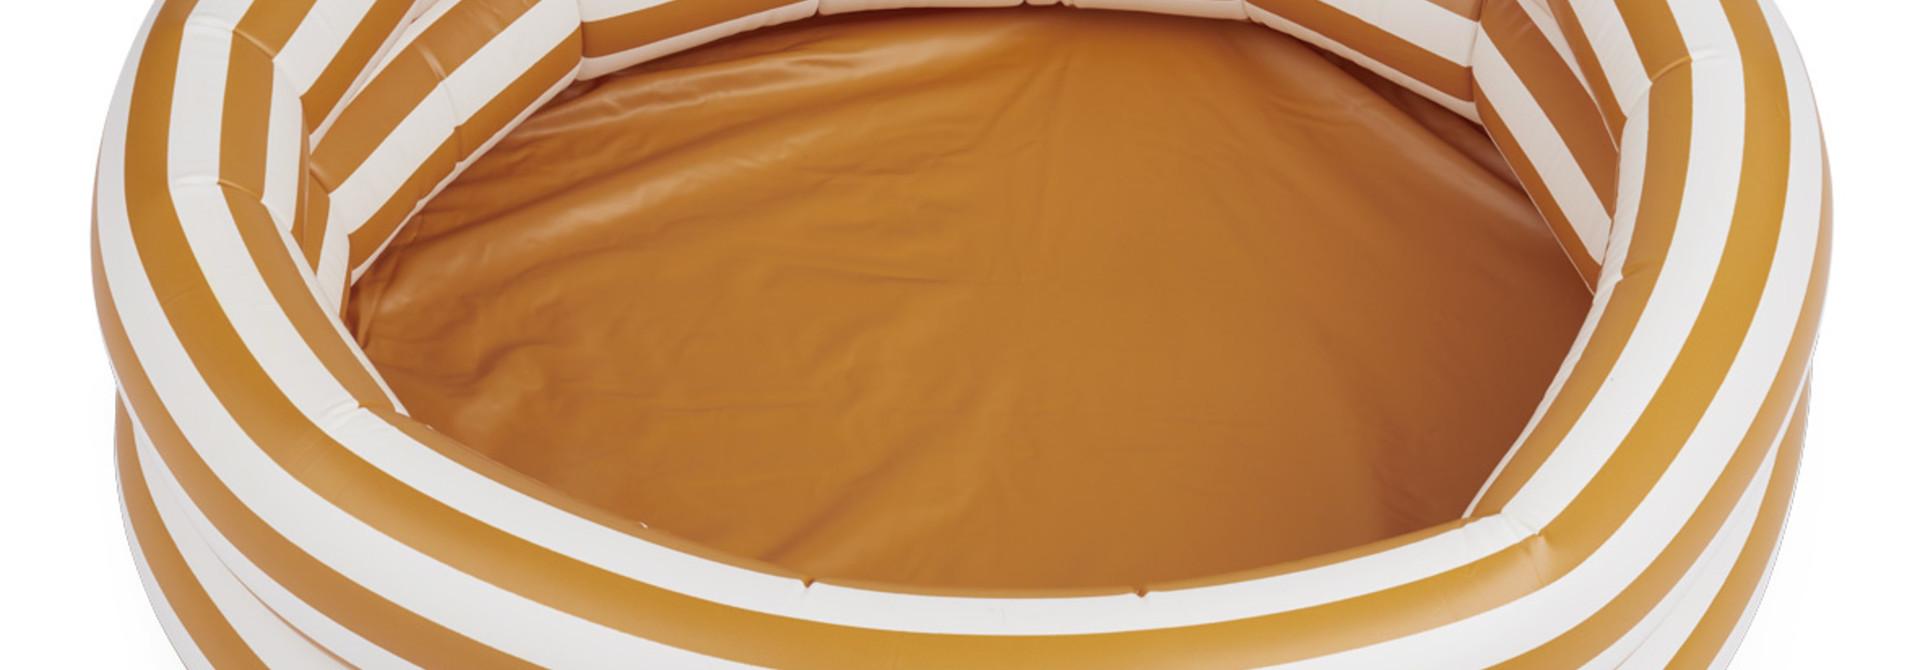 Leonore pool - Stripe: Mustard/Creme de la creme